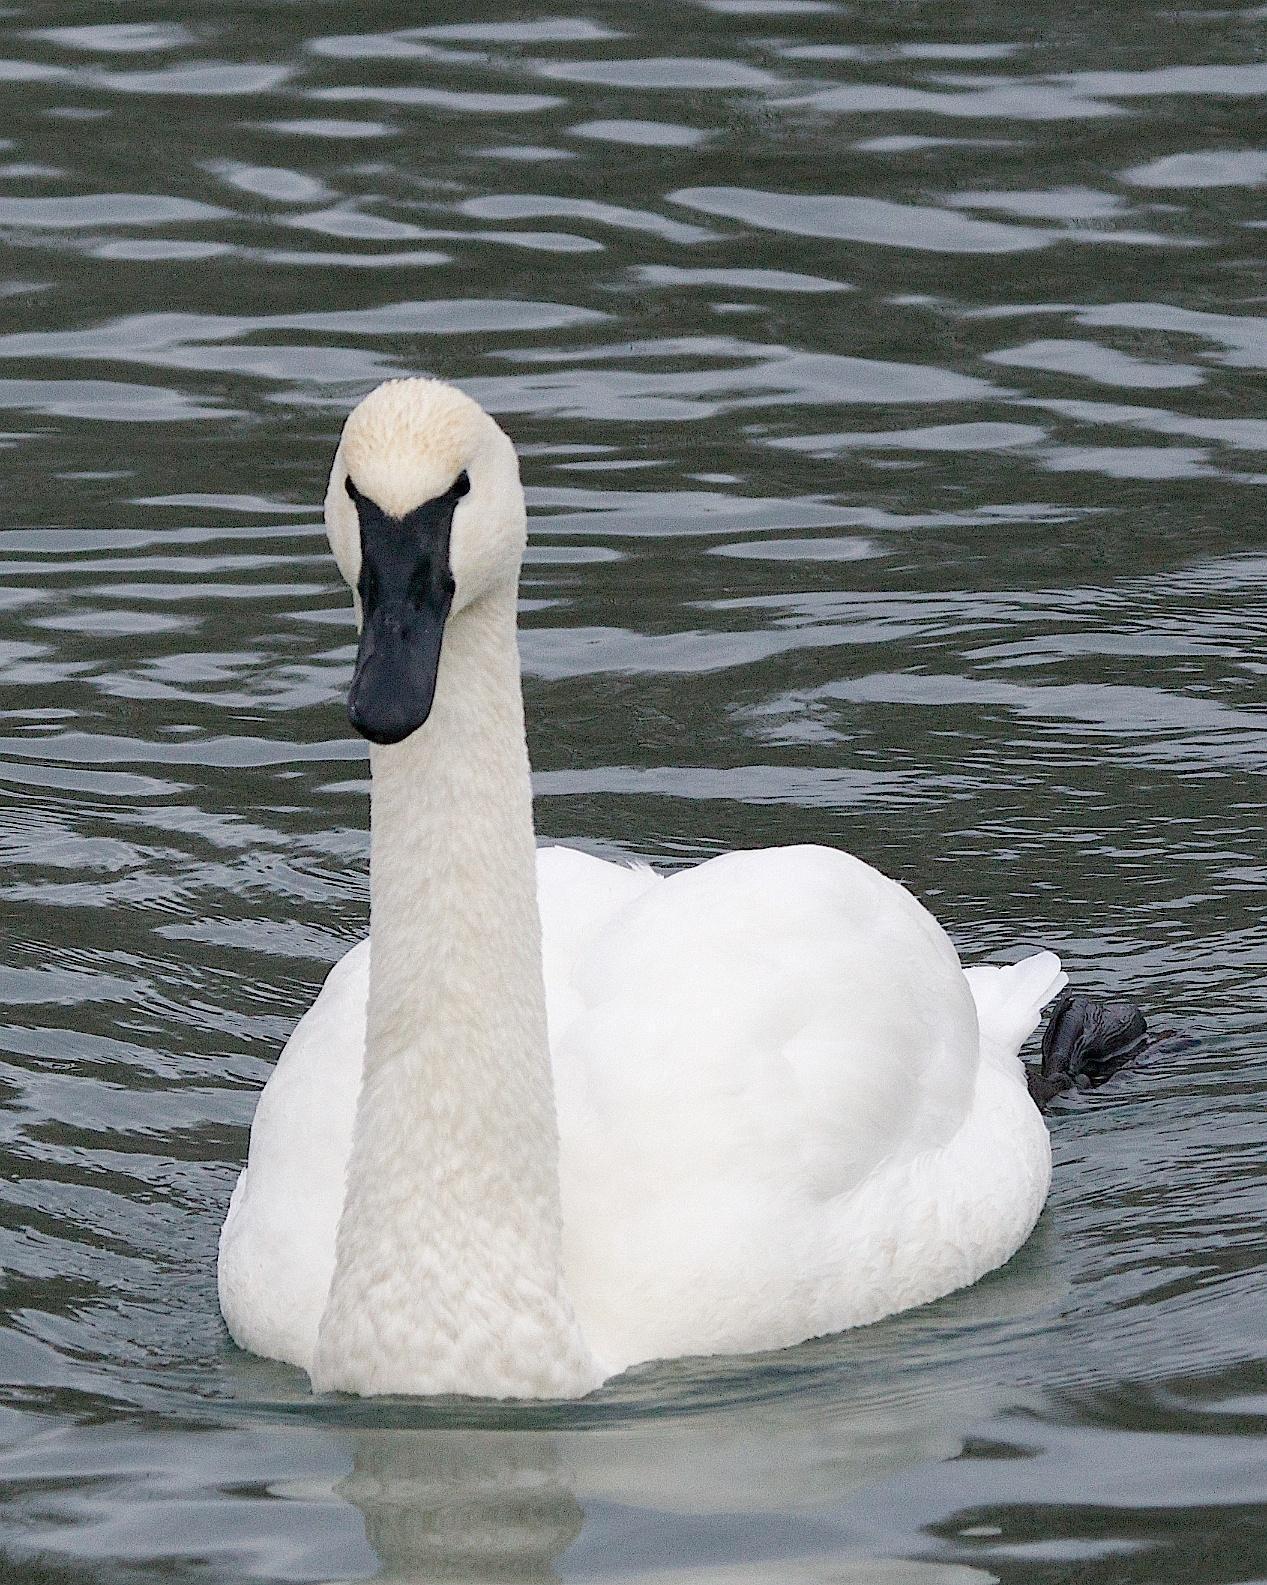 Trumpeter Swan Photo by Gerald Hoekstra